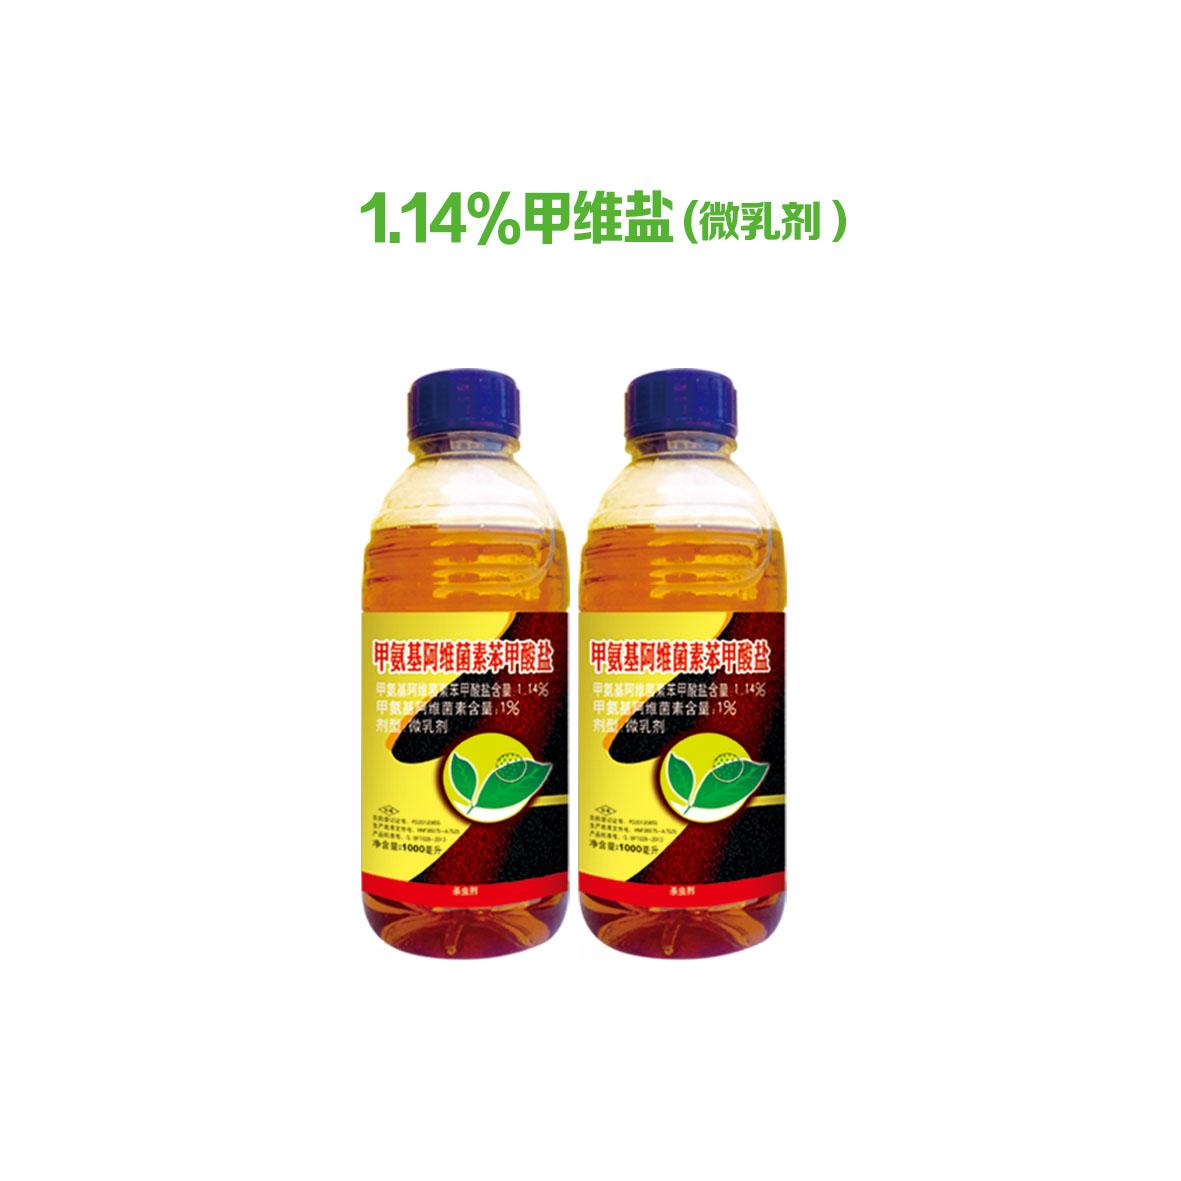 甲氨基阿维菌素苯甲酸盐微乳